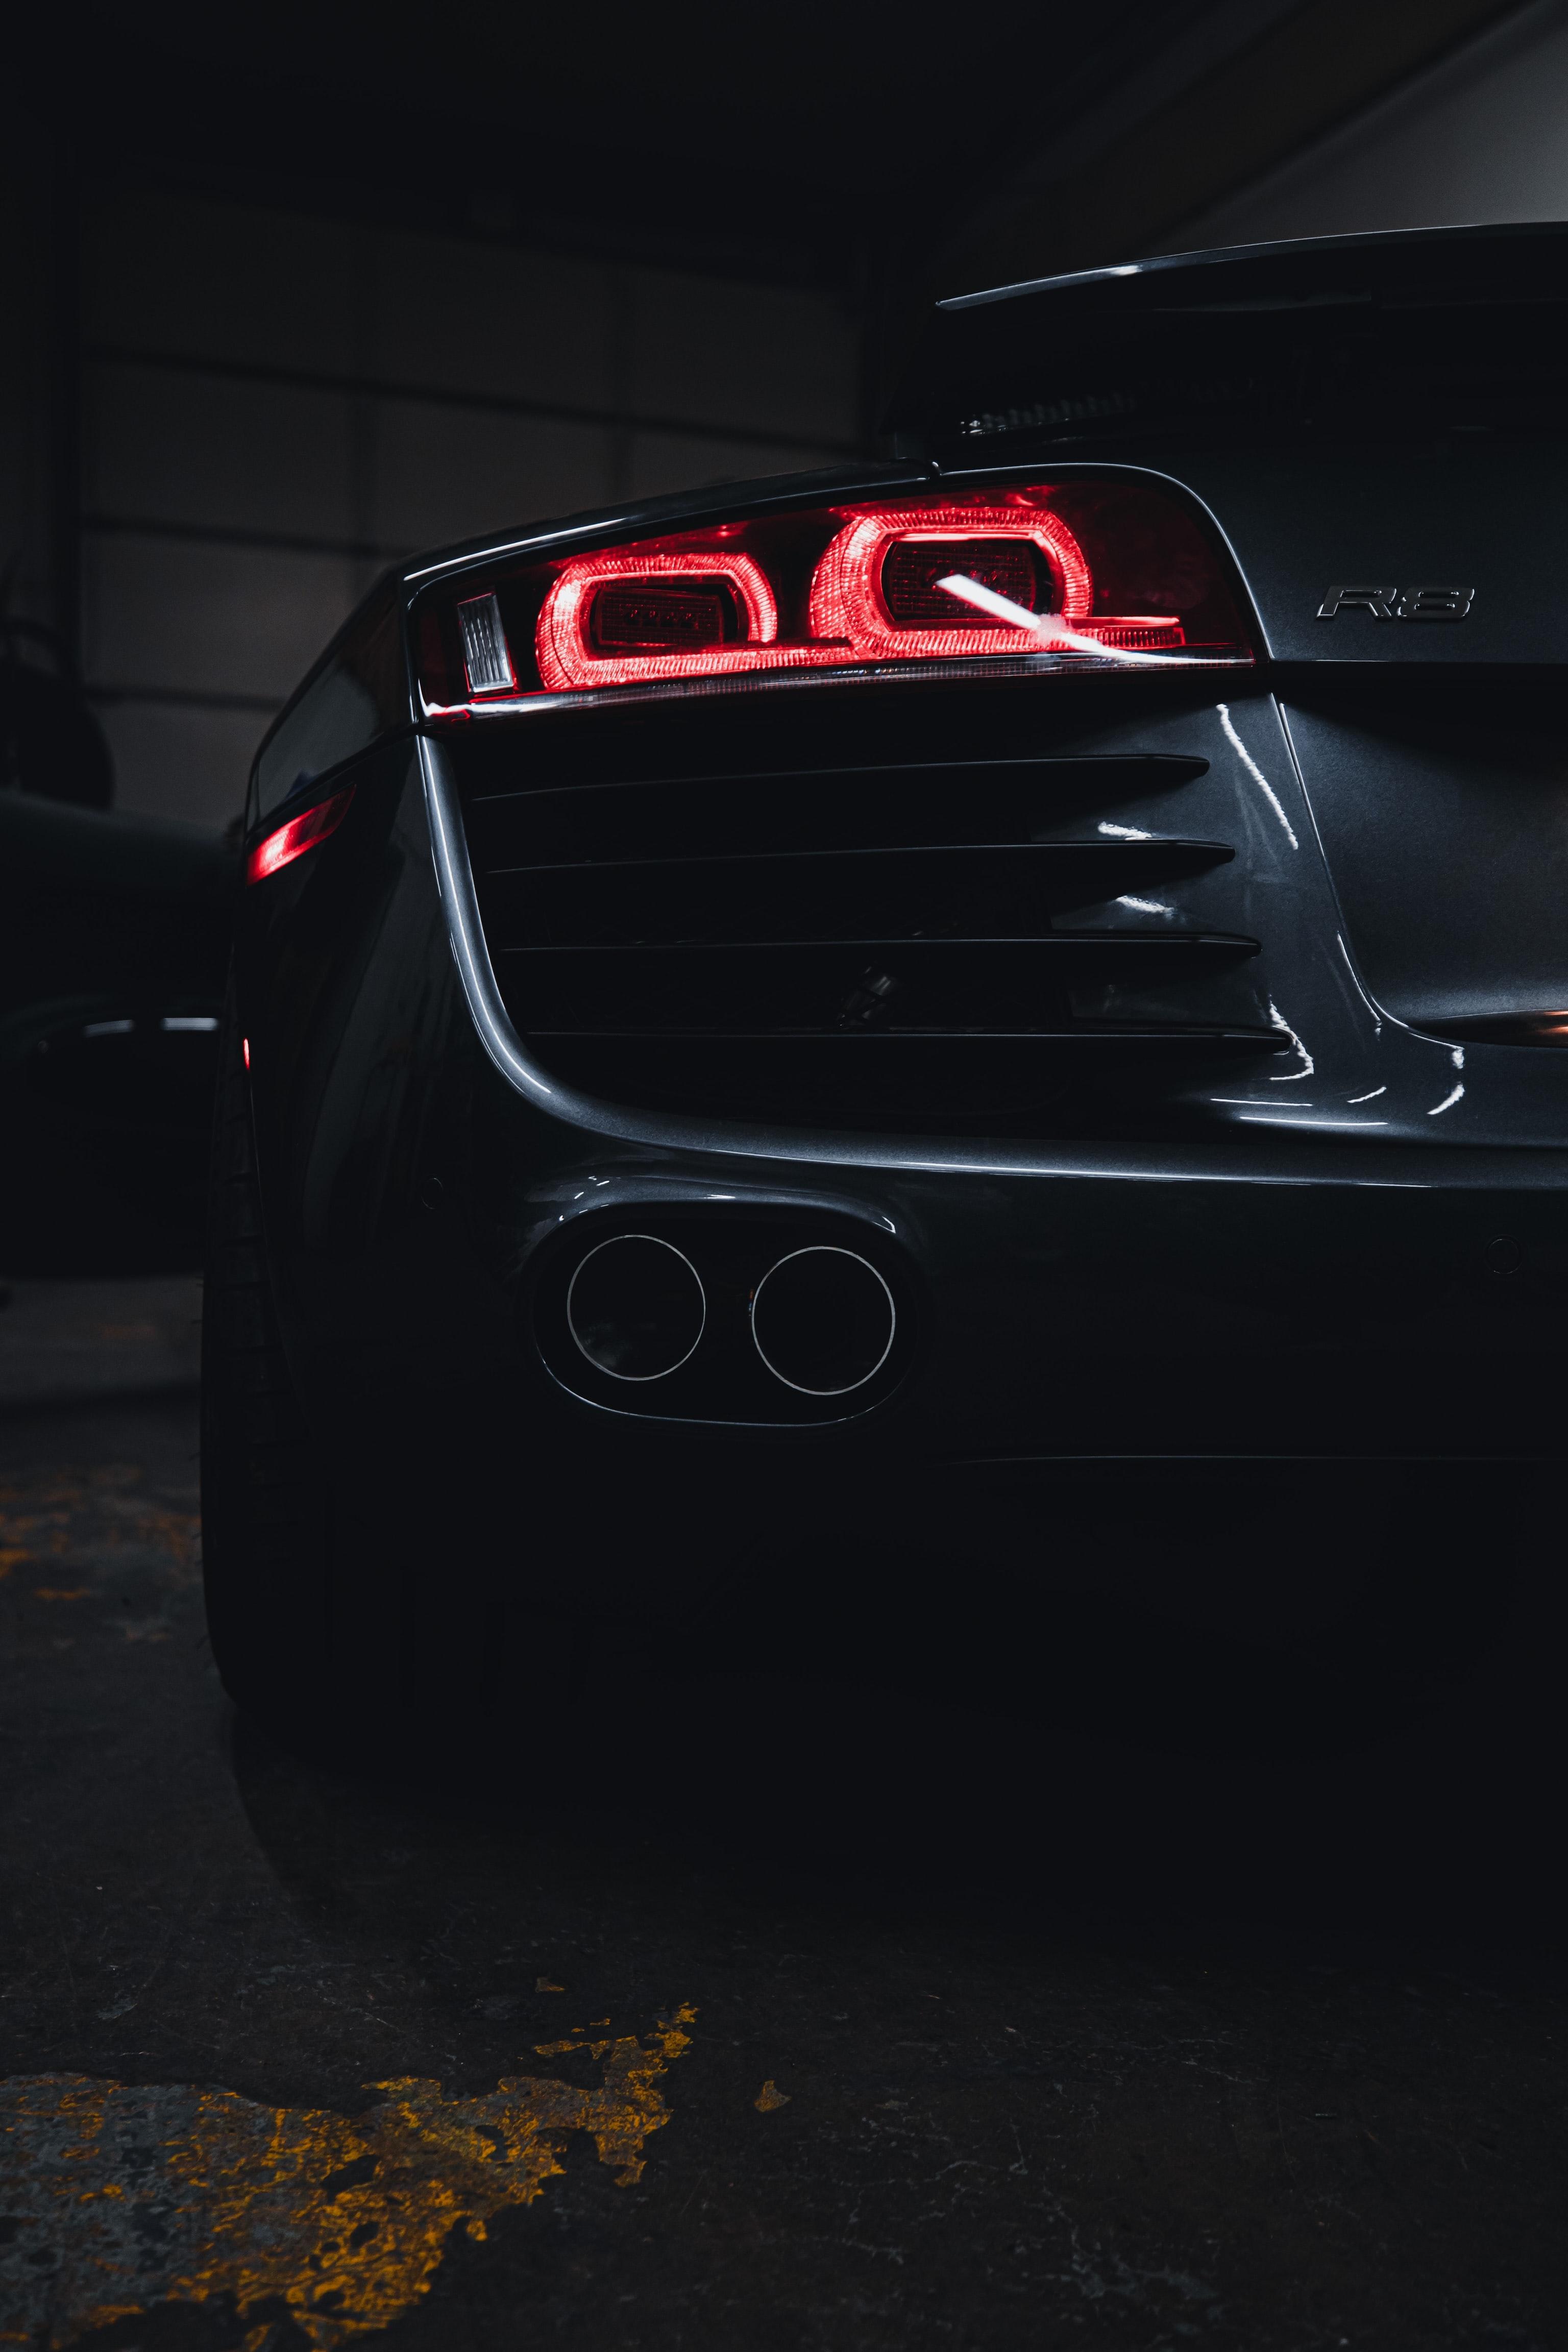 126815 скачать обои Ауди (Audi), Автомобиль, Тачки (Cars), Серый, Вид Сзади, Audi R8 - заставки и картинки бесплатно